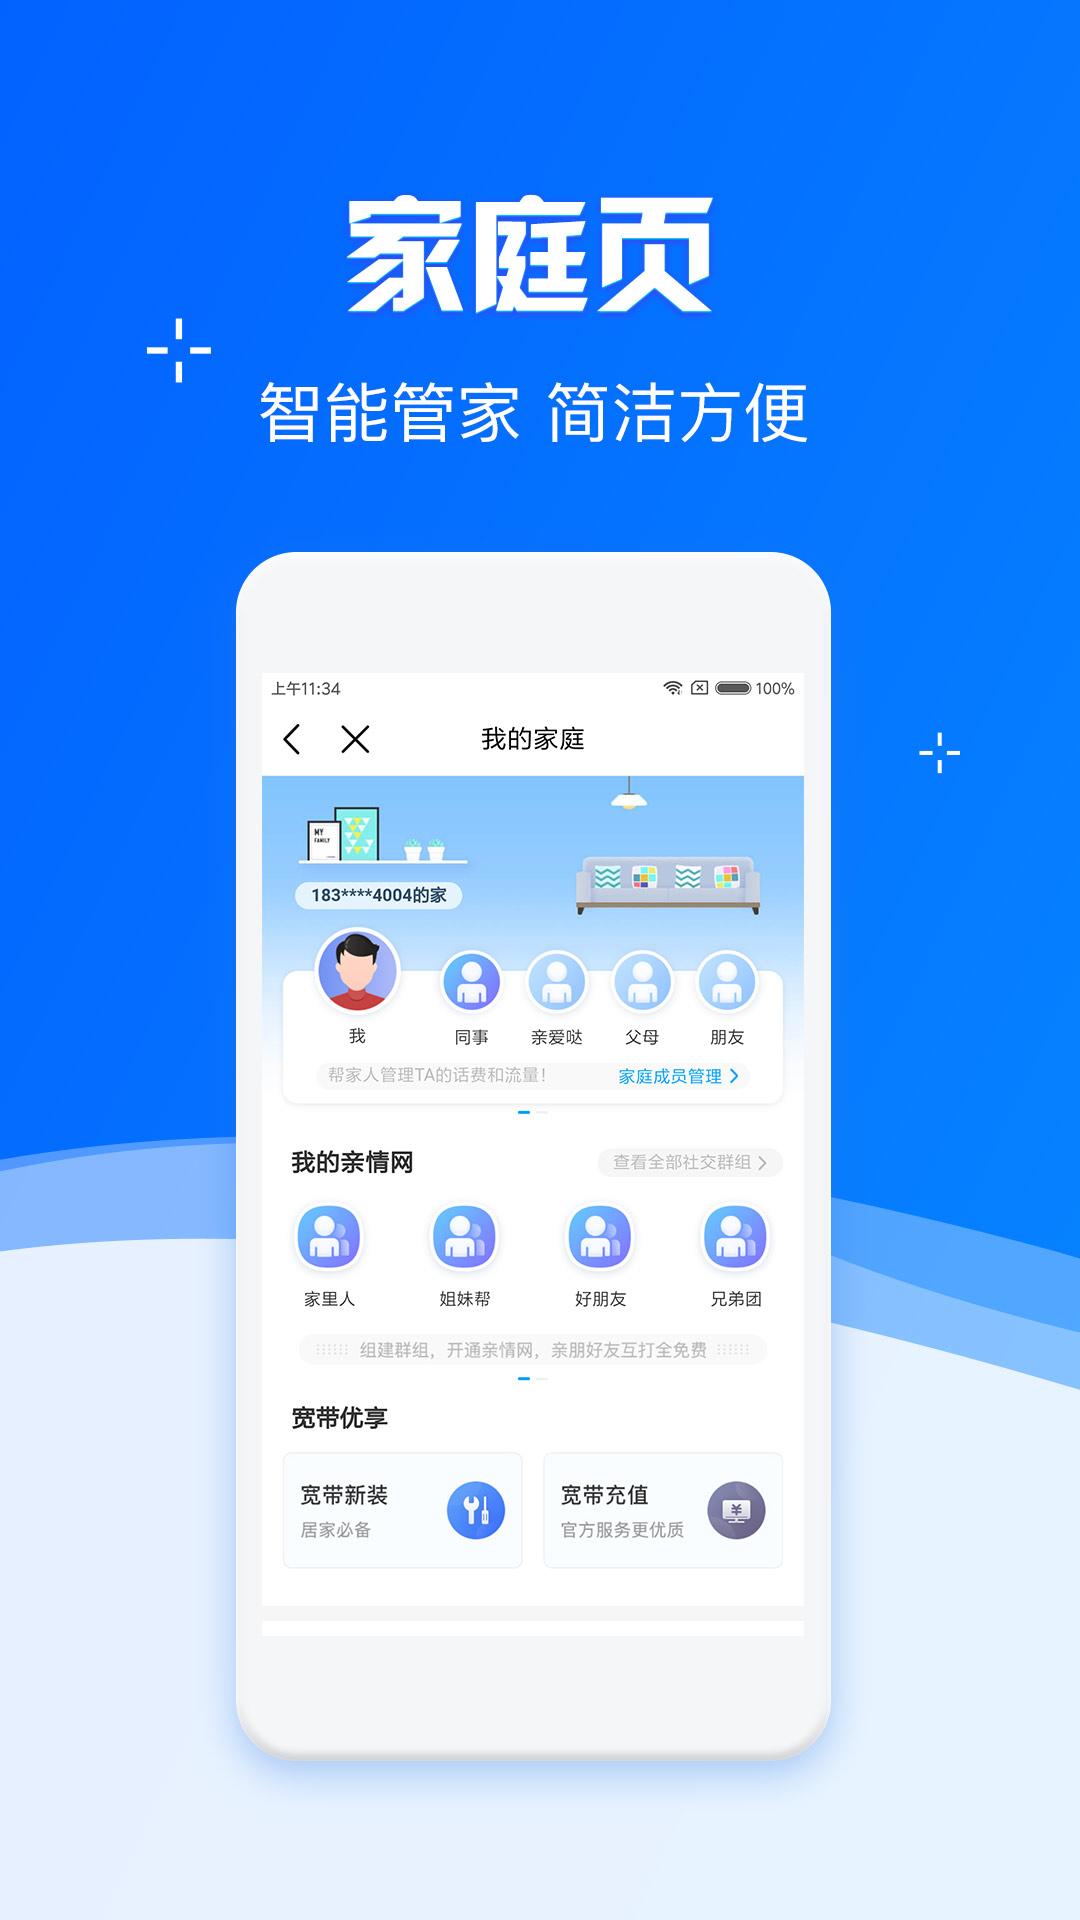 中国移动官方商城_中国移动免费下载_华为应用市场 中国移动安卓版(5.8.5)下载